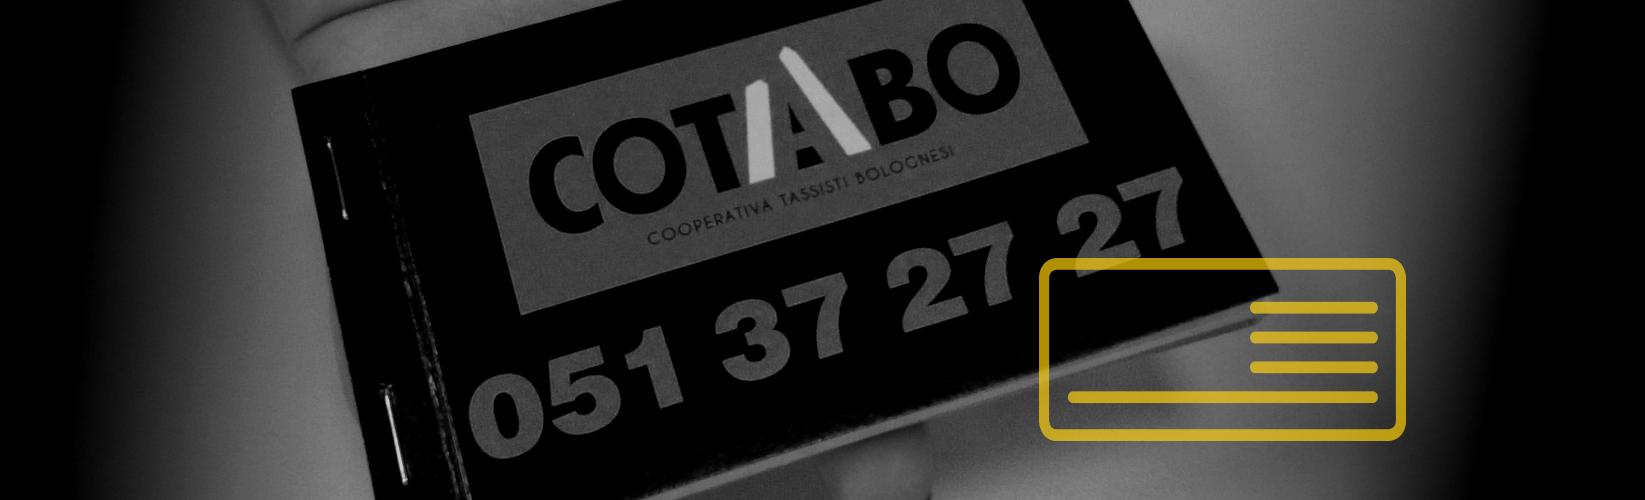 COTABO VOUCHERS